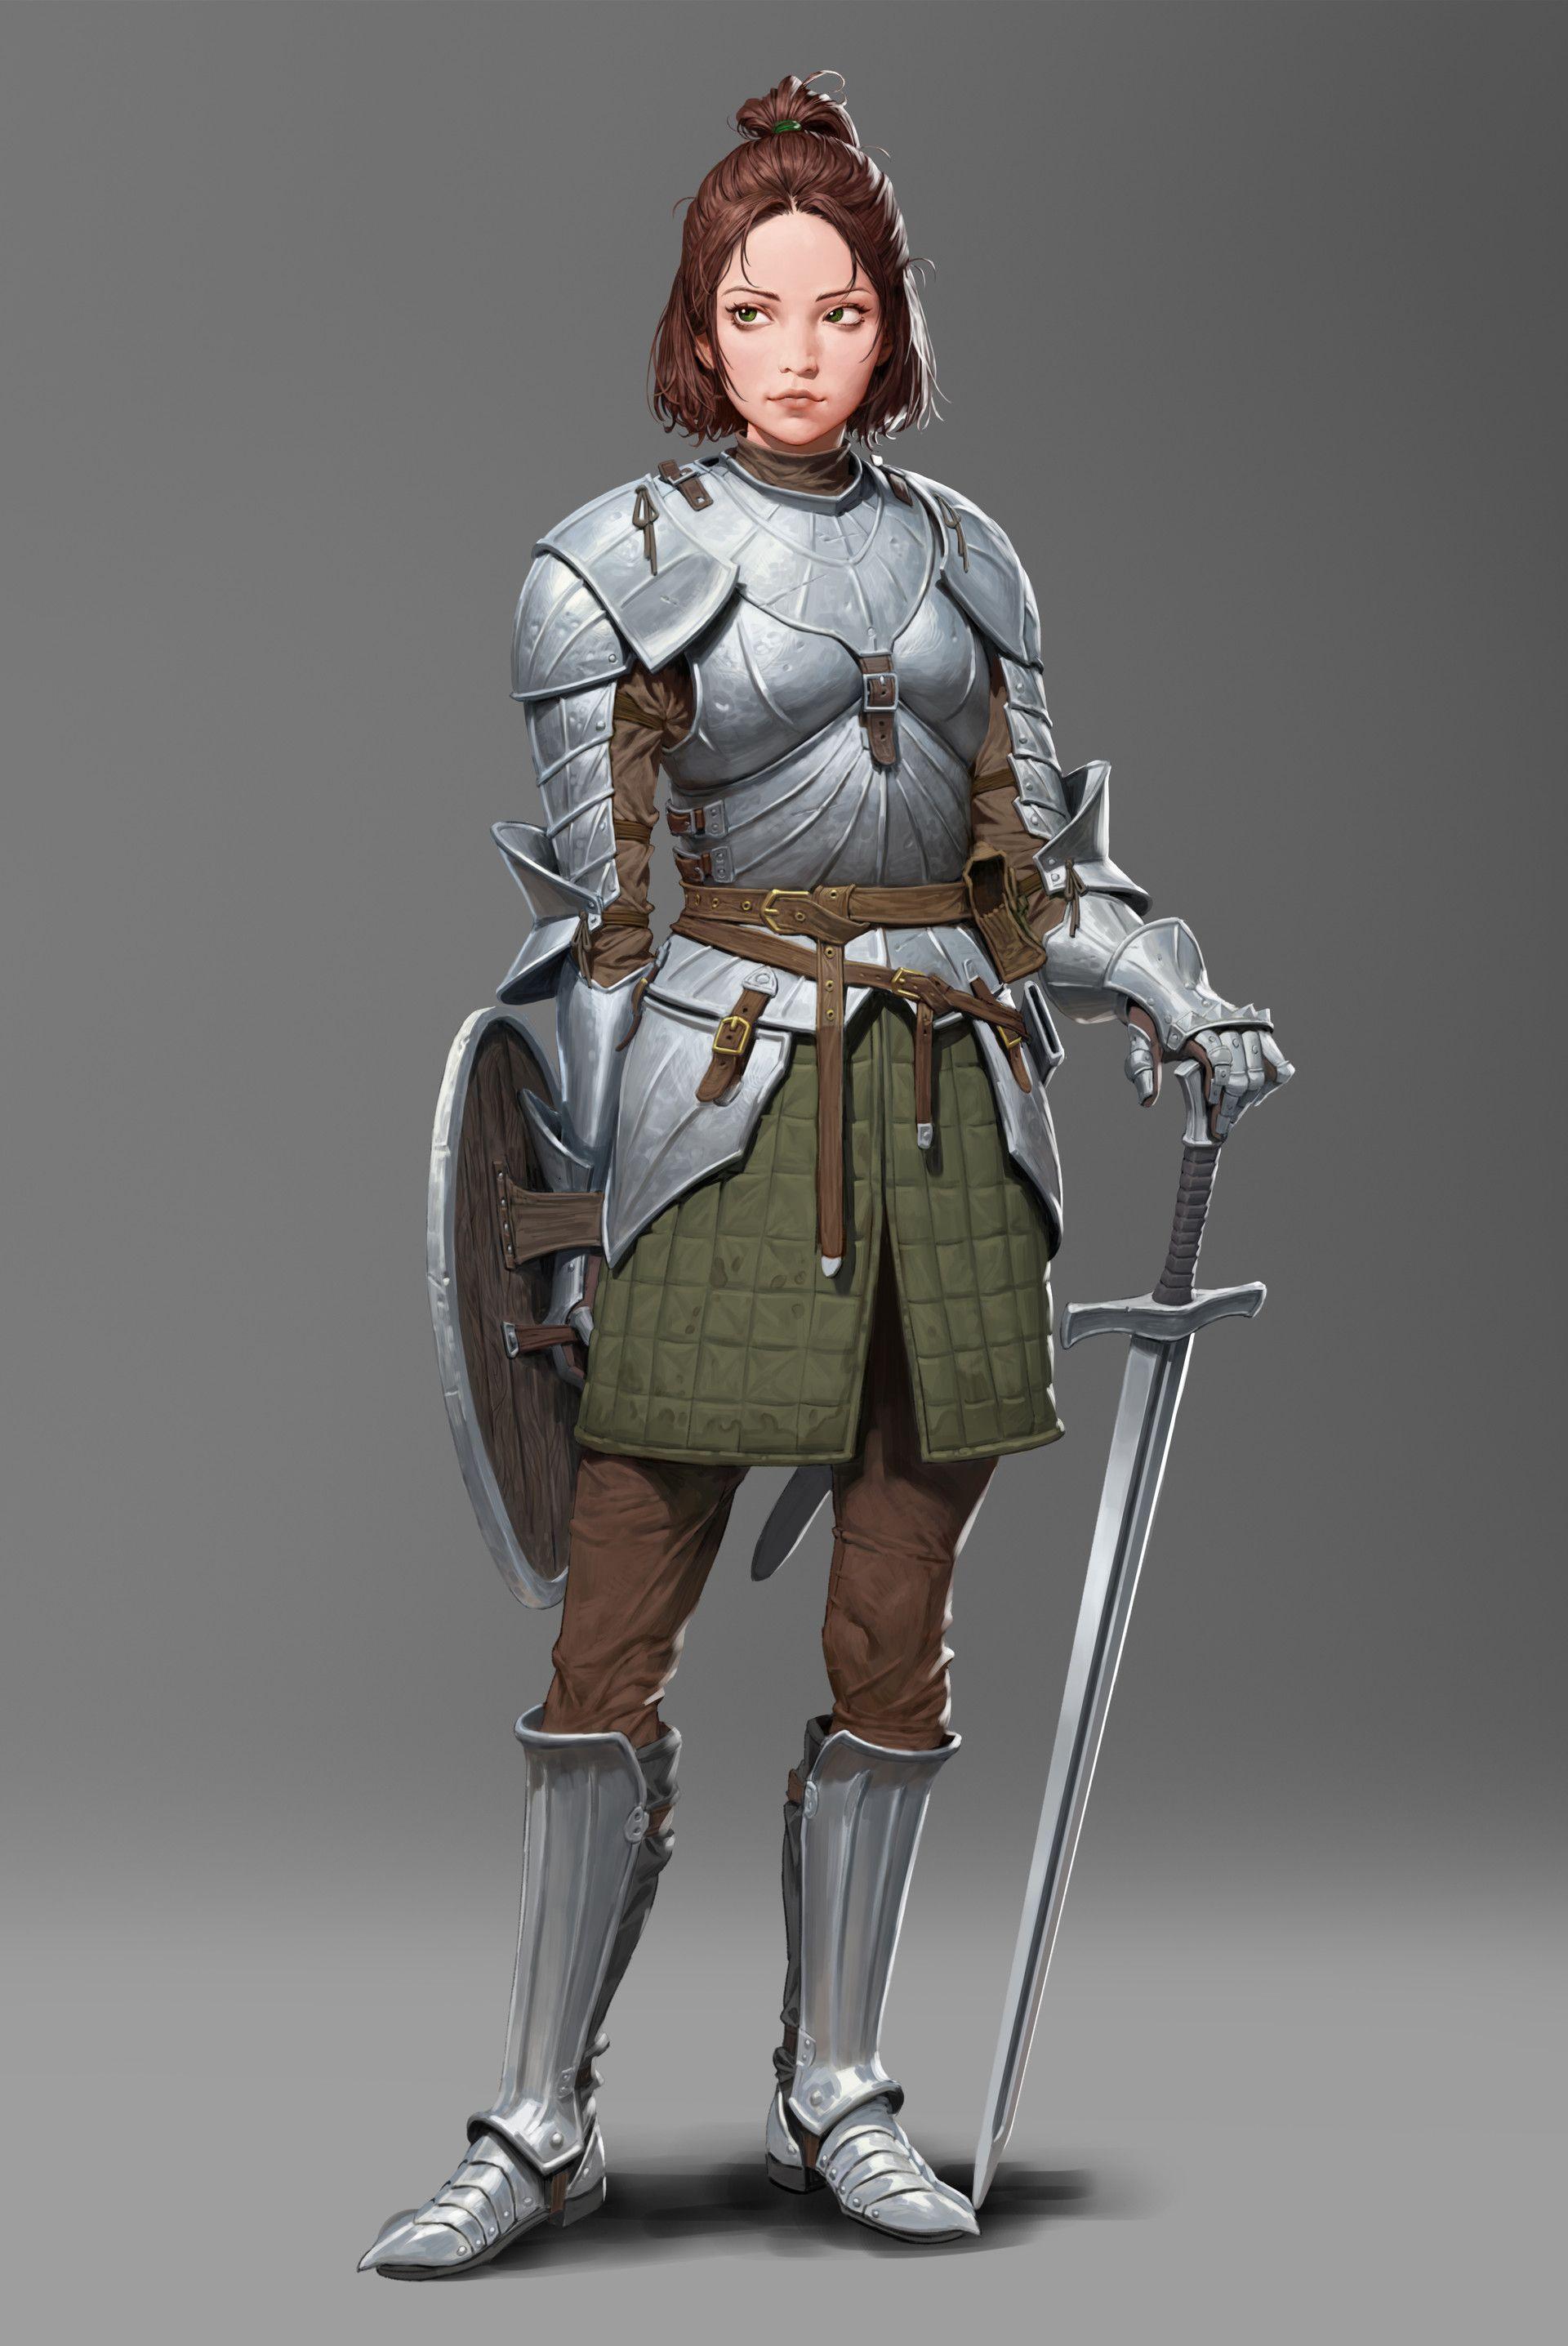 Pin de Shaun Gore en Warrior Female | Dise?o de personajes, Personajes de  fantasía, Dise?o de personajes de fantasía